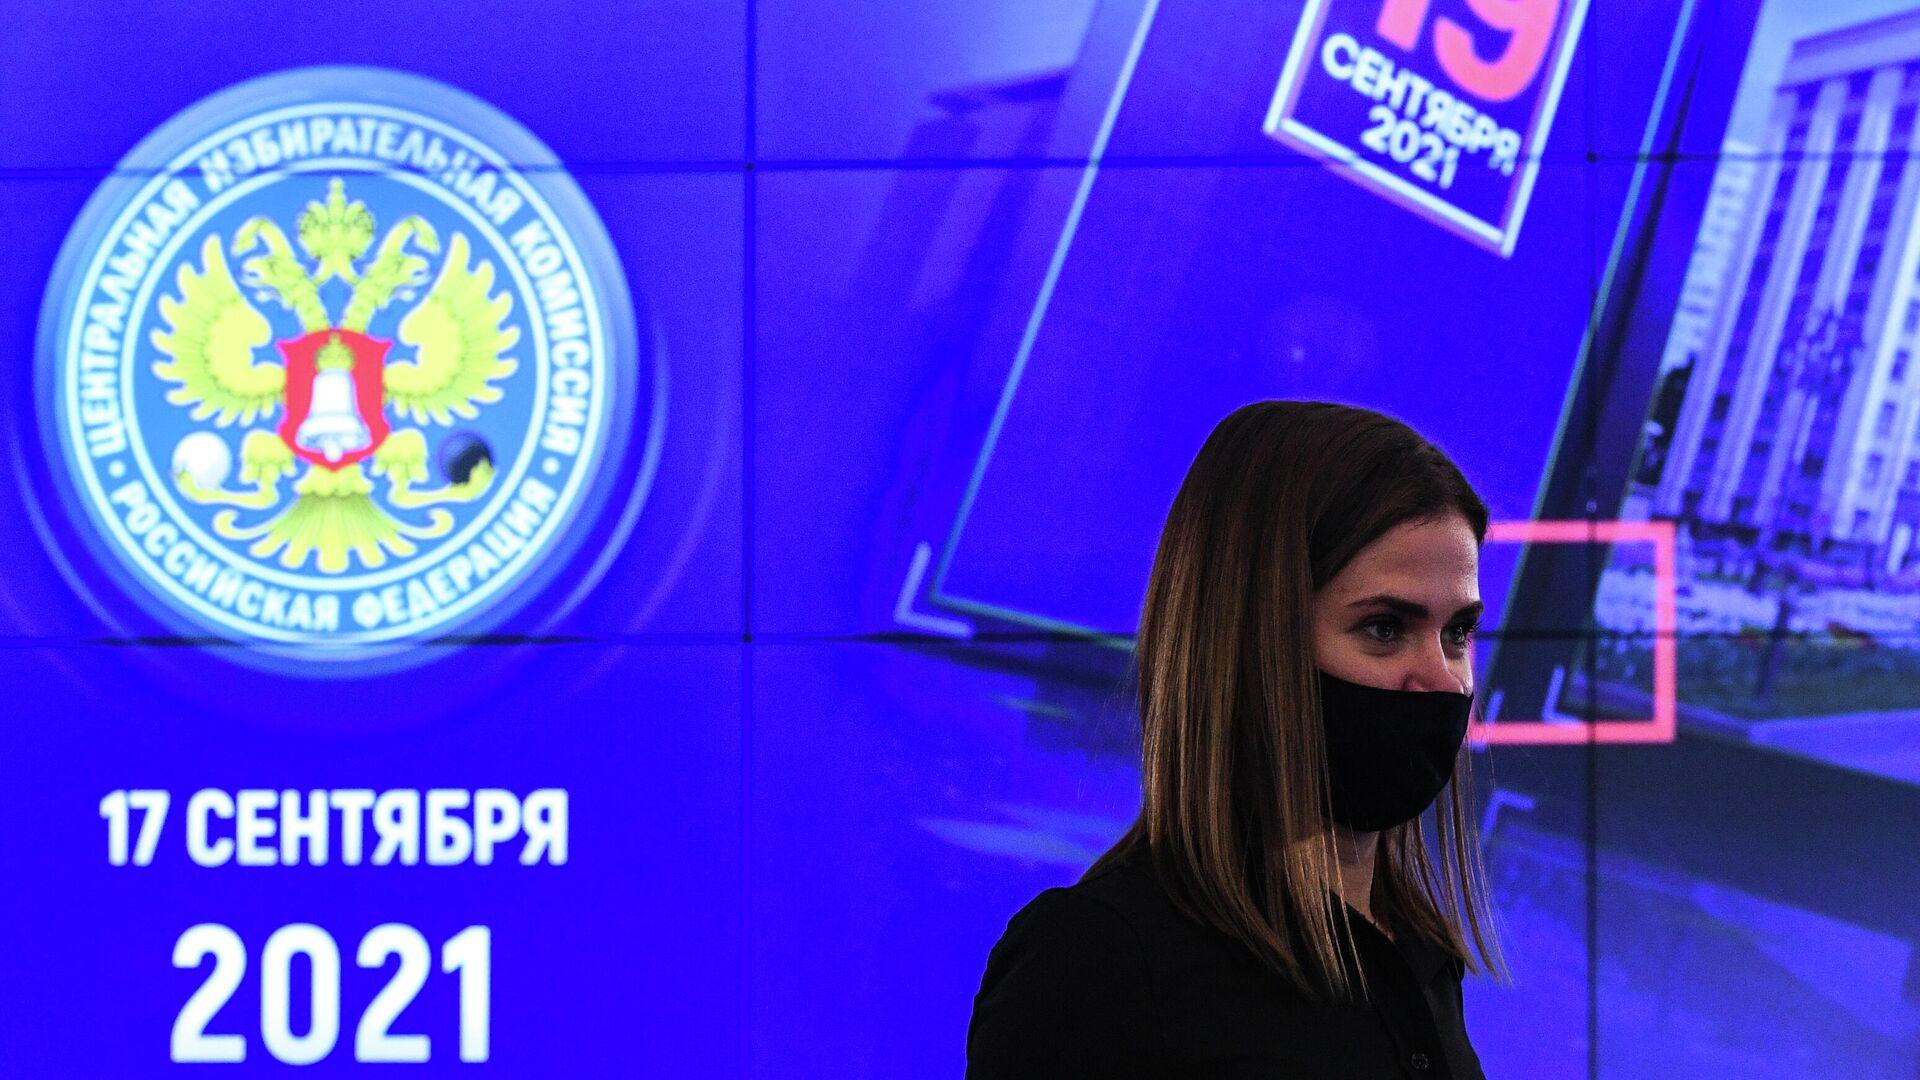 Информационный центр Центральной избирательной комиссии РФ - РИА Новости, 1920, 18.09.2021